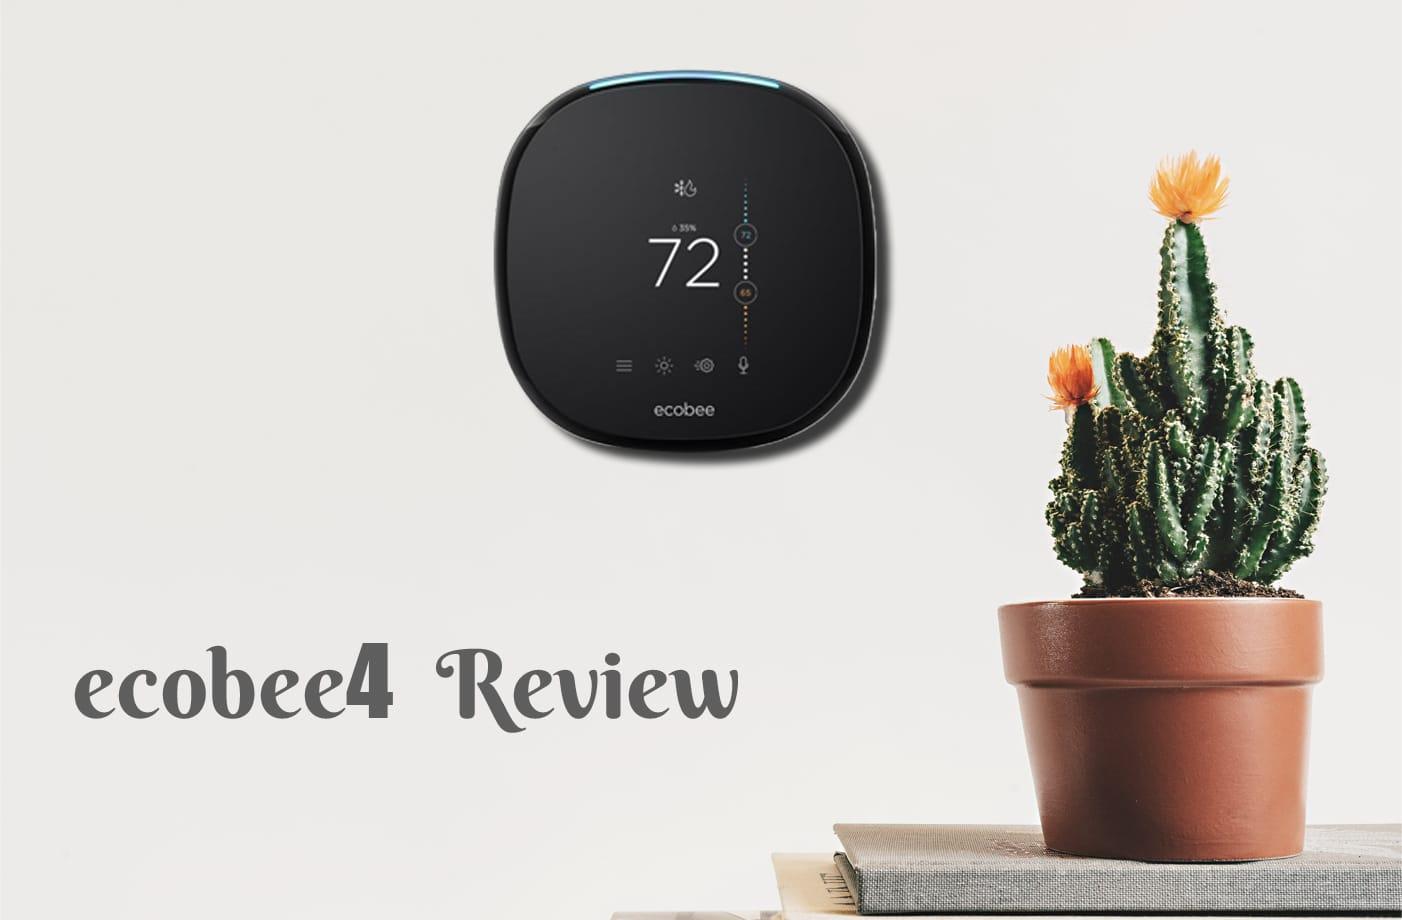 Ecobee4 Review